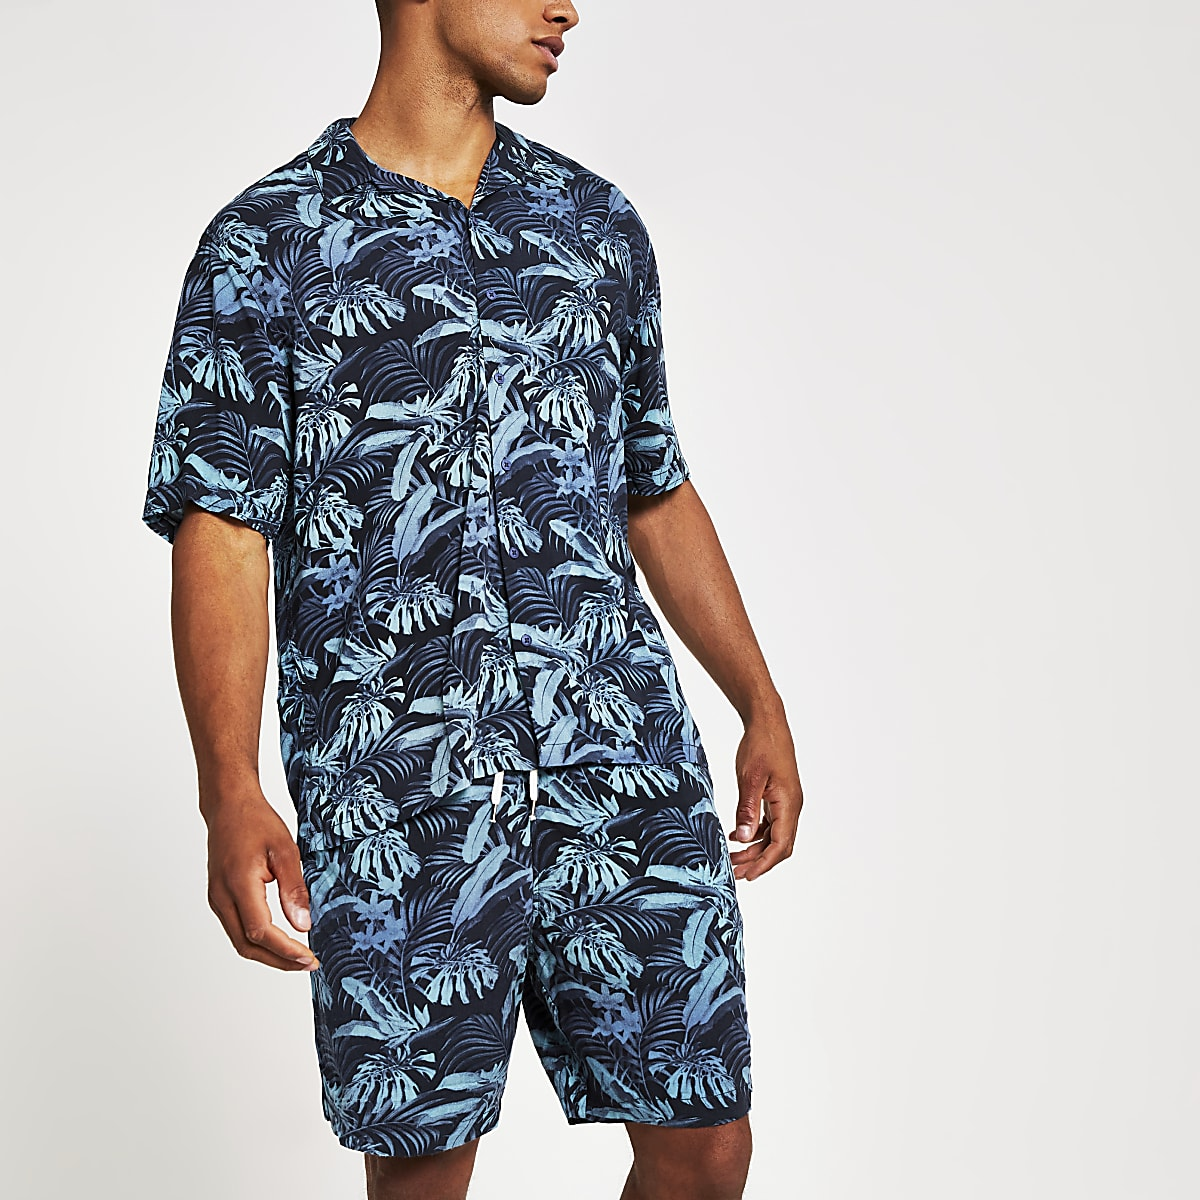 Jack and Jones - Blauw kort overhemd met tropische print